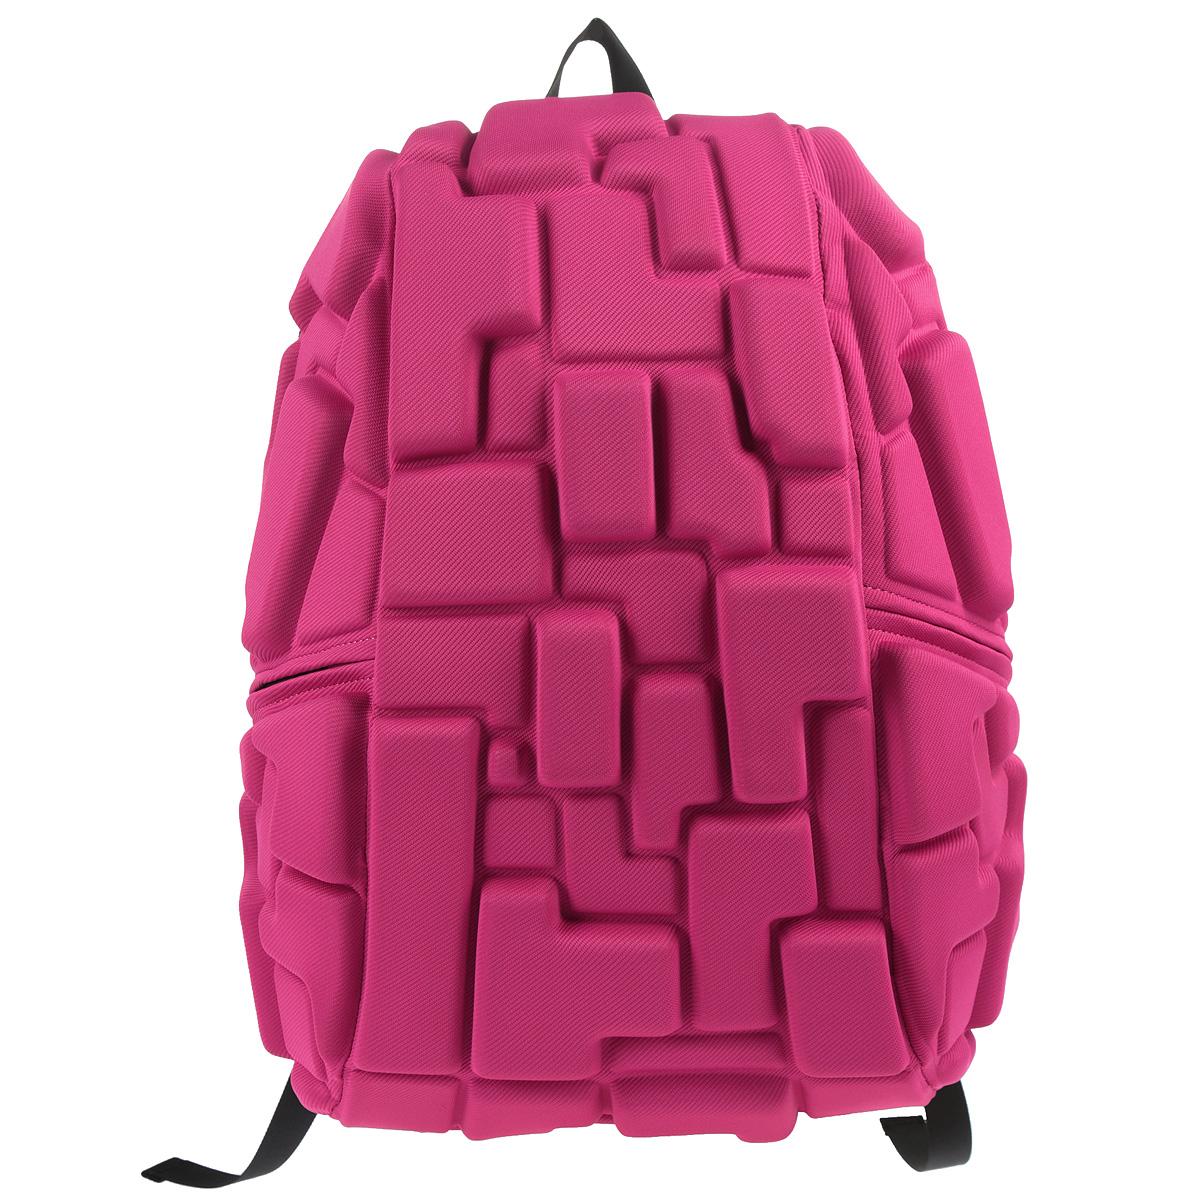 Рюкзак городской MadPax Blok Full, цвет: розовый78685Городской рюкзак MadPax Blok Full - это стильный и практичный аксессуар, который станет незаменимым в ритме большого города. Выполнен из 100% полиспандекса розового цвета, объемные блоки придают изделию неповторимый дизайн. Рюкзак имеет одно основное отделение на застежке-молнии с двумя бегунками. Бегунки застежки дополнены металлическими держателями. Внутри отделения находится мягкий карман для ноутбука, закрывающийся хлястиком на липучке. Также внутри находится небольшой карман на молнии. Рюкзак имеет два прорезных боковых кармана, закрывающиеся на застежки-молнии. Сзади расположен прозрачный кармашек для визитки. Модель оснащена ручкой для переноски в руке, а также широкими плечевыми лямками, которые можно регулировать по длине. Специальная застежка-крепление соединяет и фиксирует лямки в районе груди, это позволяет равномерно распределить нагрузку на плечи и спину при максимальной загрузке рюкзака. Конструкция спинки дополнена эргономичными подушечками,...